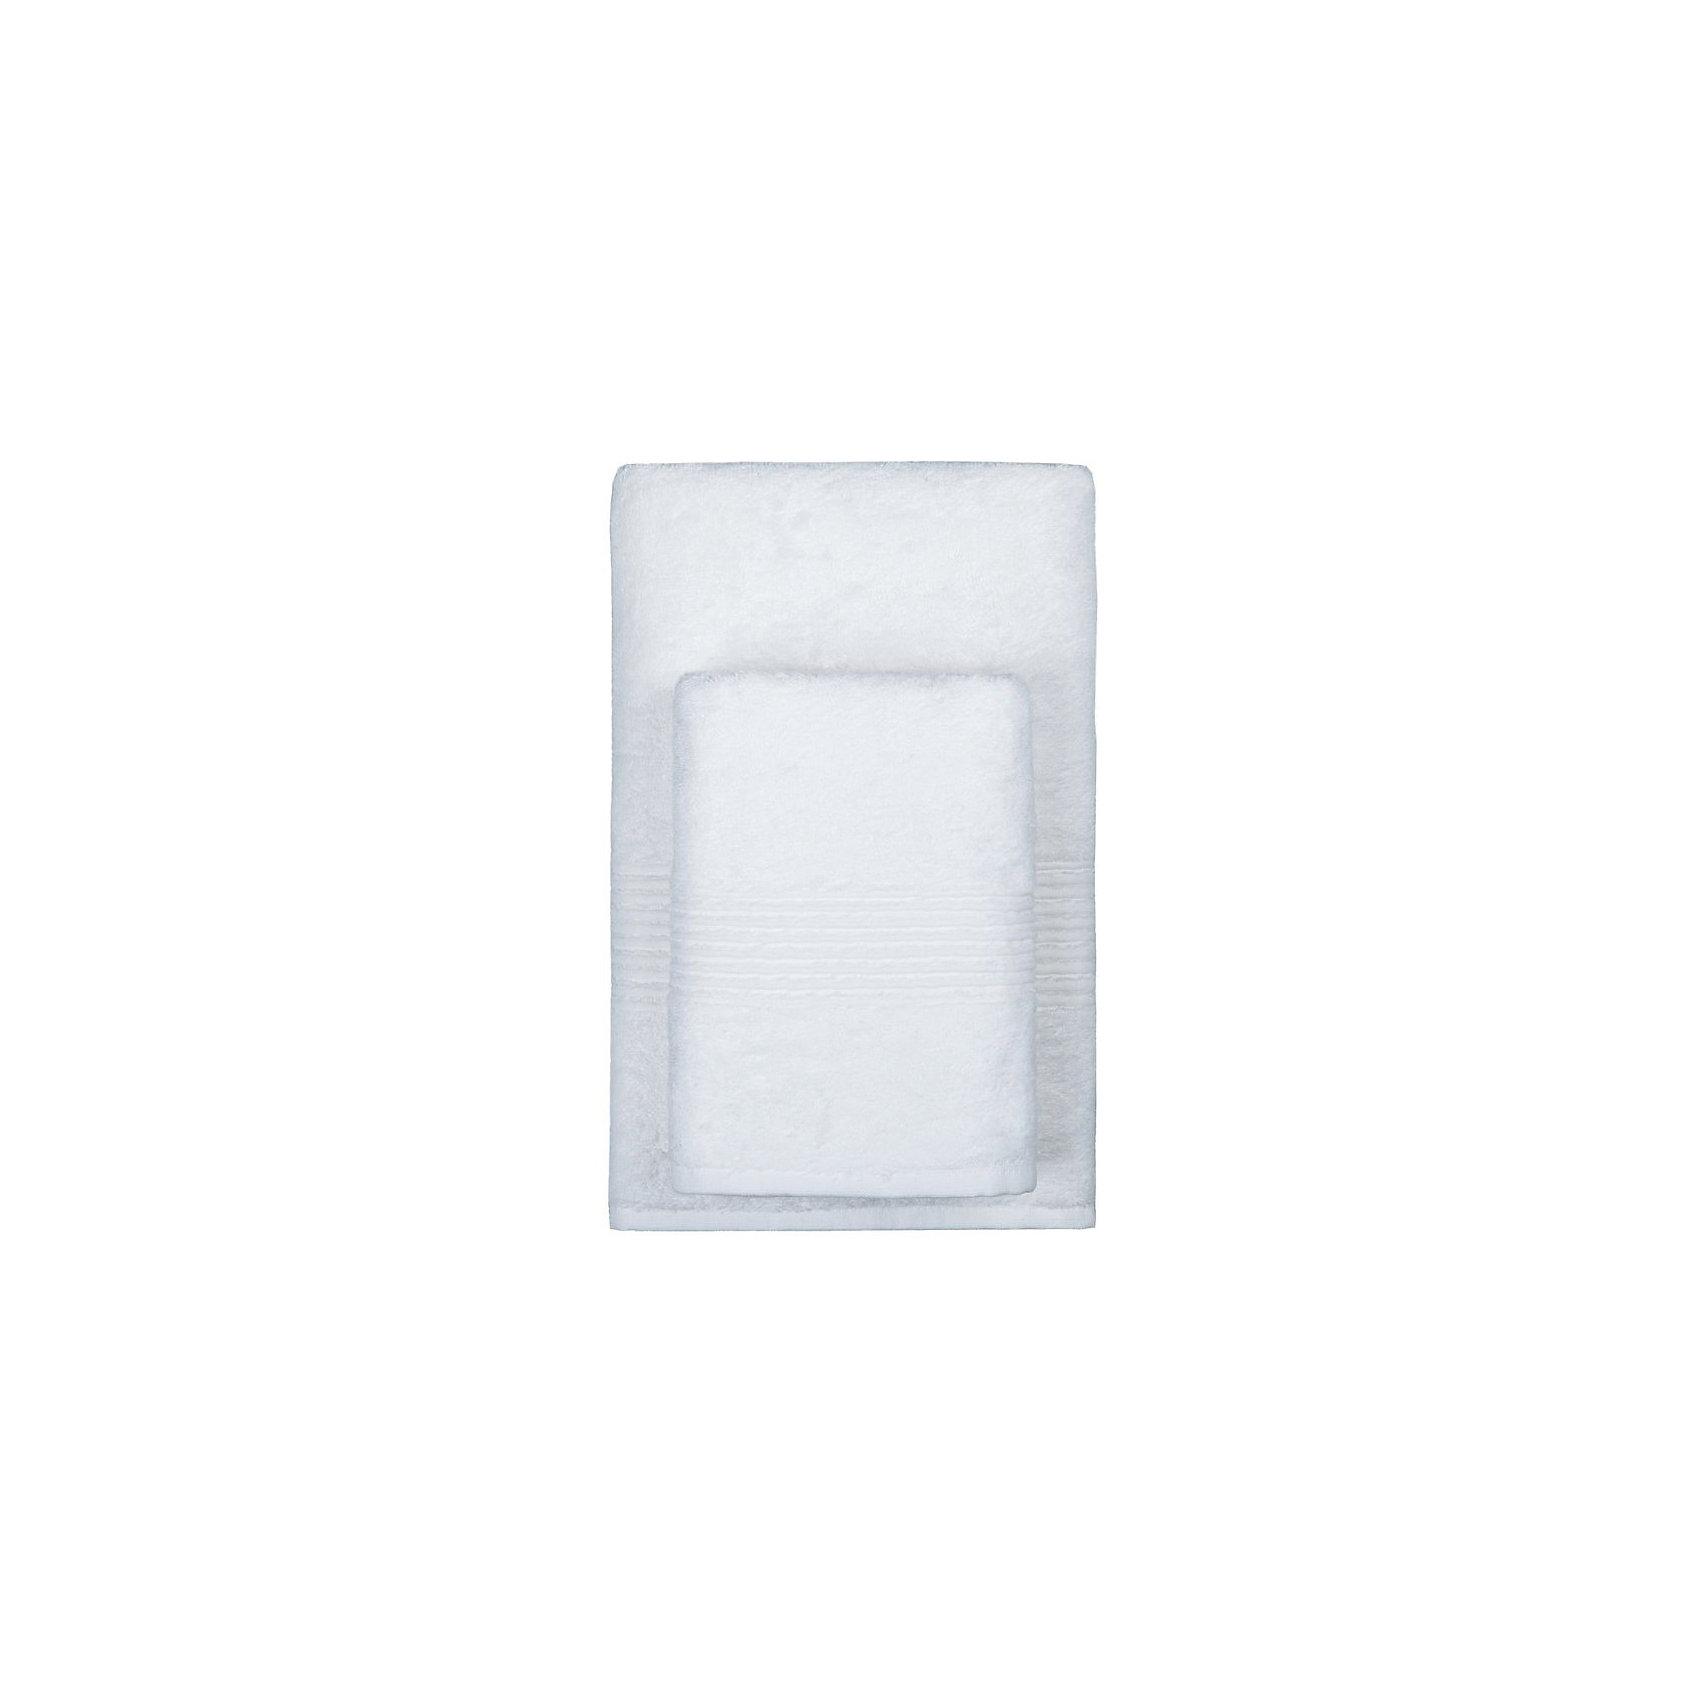 Полотенце махровое Maison Bambu, 50*90, TAC, белый (beyaz)Ванная комната<br>Характеристики:<br><br>• Вид домашнего текстиля: махровое полотенце<br>• Размеры полотенца: 50*90 см<br>• Рисунок: без рисунка<br>• Декоративные элементы: бордюр<br>• Материал: хлопок, 50% хлопок; бамбук, 50%<br>• Цвет: белый<br>• Плотность полотна: 550 гр/м2 <br>• Вес: 260 г<br>• Размеры упаковки (Д*Ш*В): 25*4*25 см<br>• Особенности ухода: машинная стирка <br><br>Полотенце махровое Maison Bambu, 50*90, TAC, белый (beyaz) от наиболее популярного бренда на отечественном рынке среди производителей комплектов постельного белья и текстильных принадлежностей, выпуском которого занимается производственная компания, являющаяся частью мирового холдинга Zorlu Holding Textiles Group. Полотенце выполнено из сочетания натурального хлопка и бамбукового волокна, что обеспечивает гипоаллергенность, высокую износоустойчивость, повышенные гигкоскопические и антибактериальные свойства изделия. <br><br>Благодаря высокой степени плотности махры, полотенце отлично впитывает влагу, но при этом остается мягким. Ворс окрашен стойкими нетоксичными красителями, который не оставляет запаха и обеспечивает ровный окрас. Полотенце сохраняет свой цвет и форму даже при частых стирках. Выполнено в белом цвете без рисунка, декорировано бордюром.<br><br>Полотенце махровое Maison Bambu, 50*90, TAC, белый (beyaz) можно купить в нашем интернет-магазине.<br><br>Ширина мм: 250<br>Глубина мм: 30<br>Высота мм: 230<br>Вес г: 300<br>Возраст от месяцев: 216<br>Возраст до месяцев: 1188<br>Пол: Унисекс<br>Возраст: Детский<br>SKU: 5476339